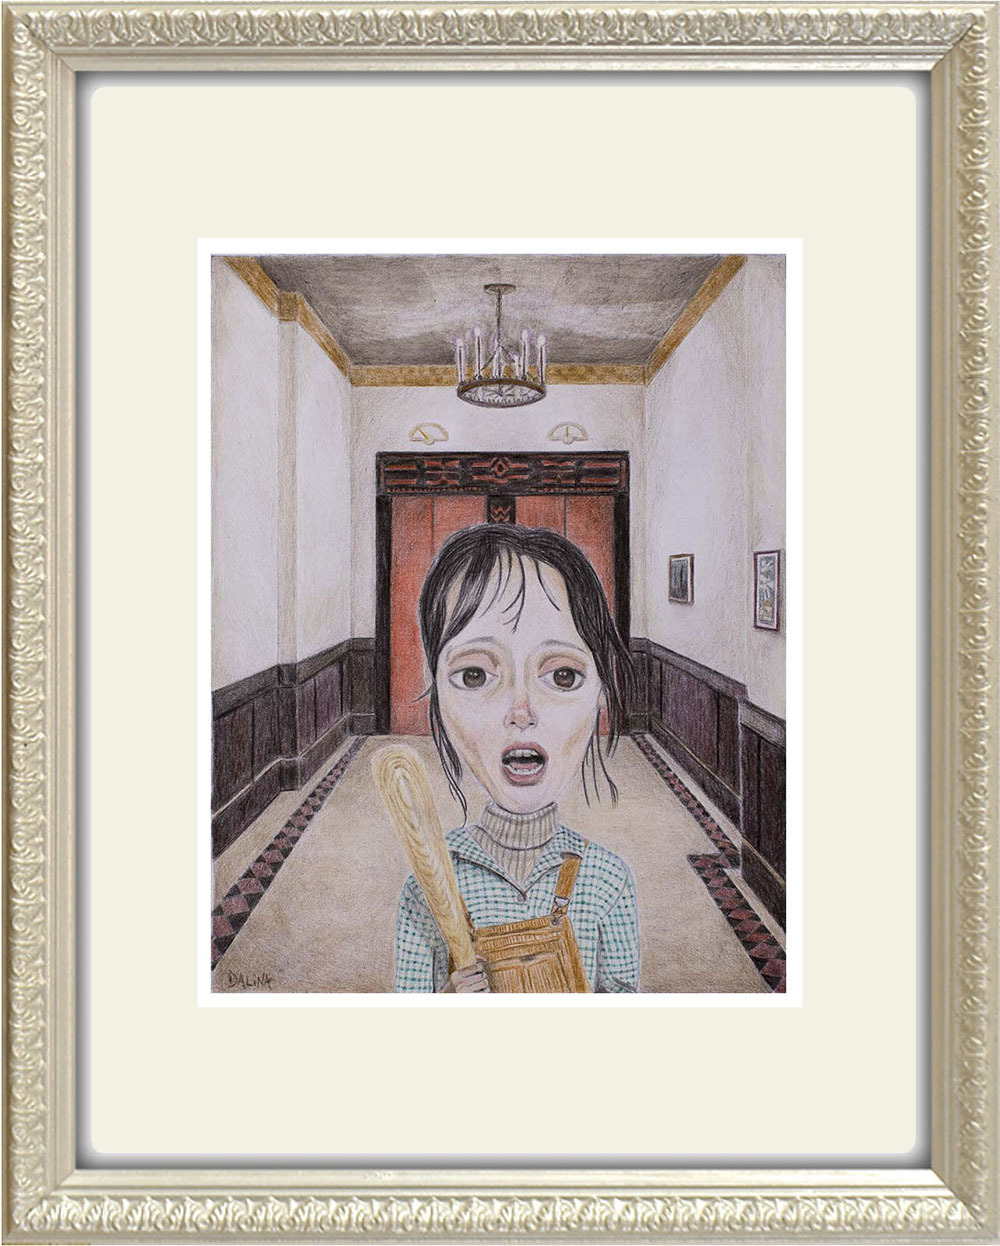 ダリーナの『シャイニング』ジークレー版画3点セット、発売中_a0077842_19130913.jpg